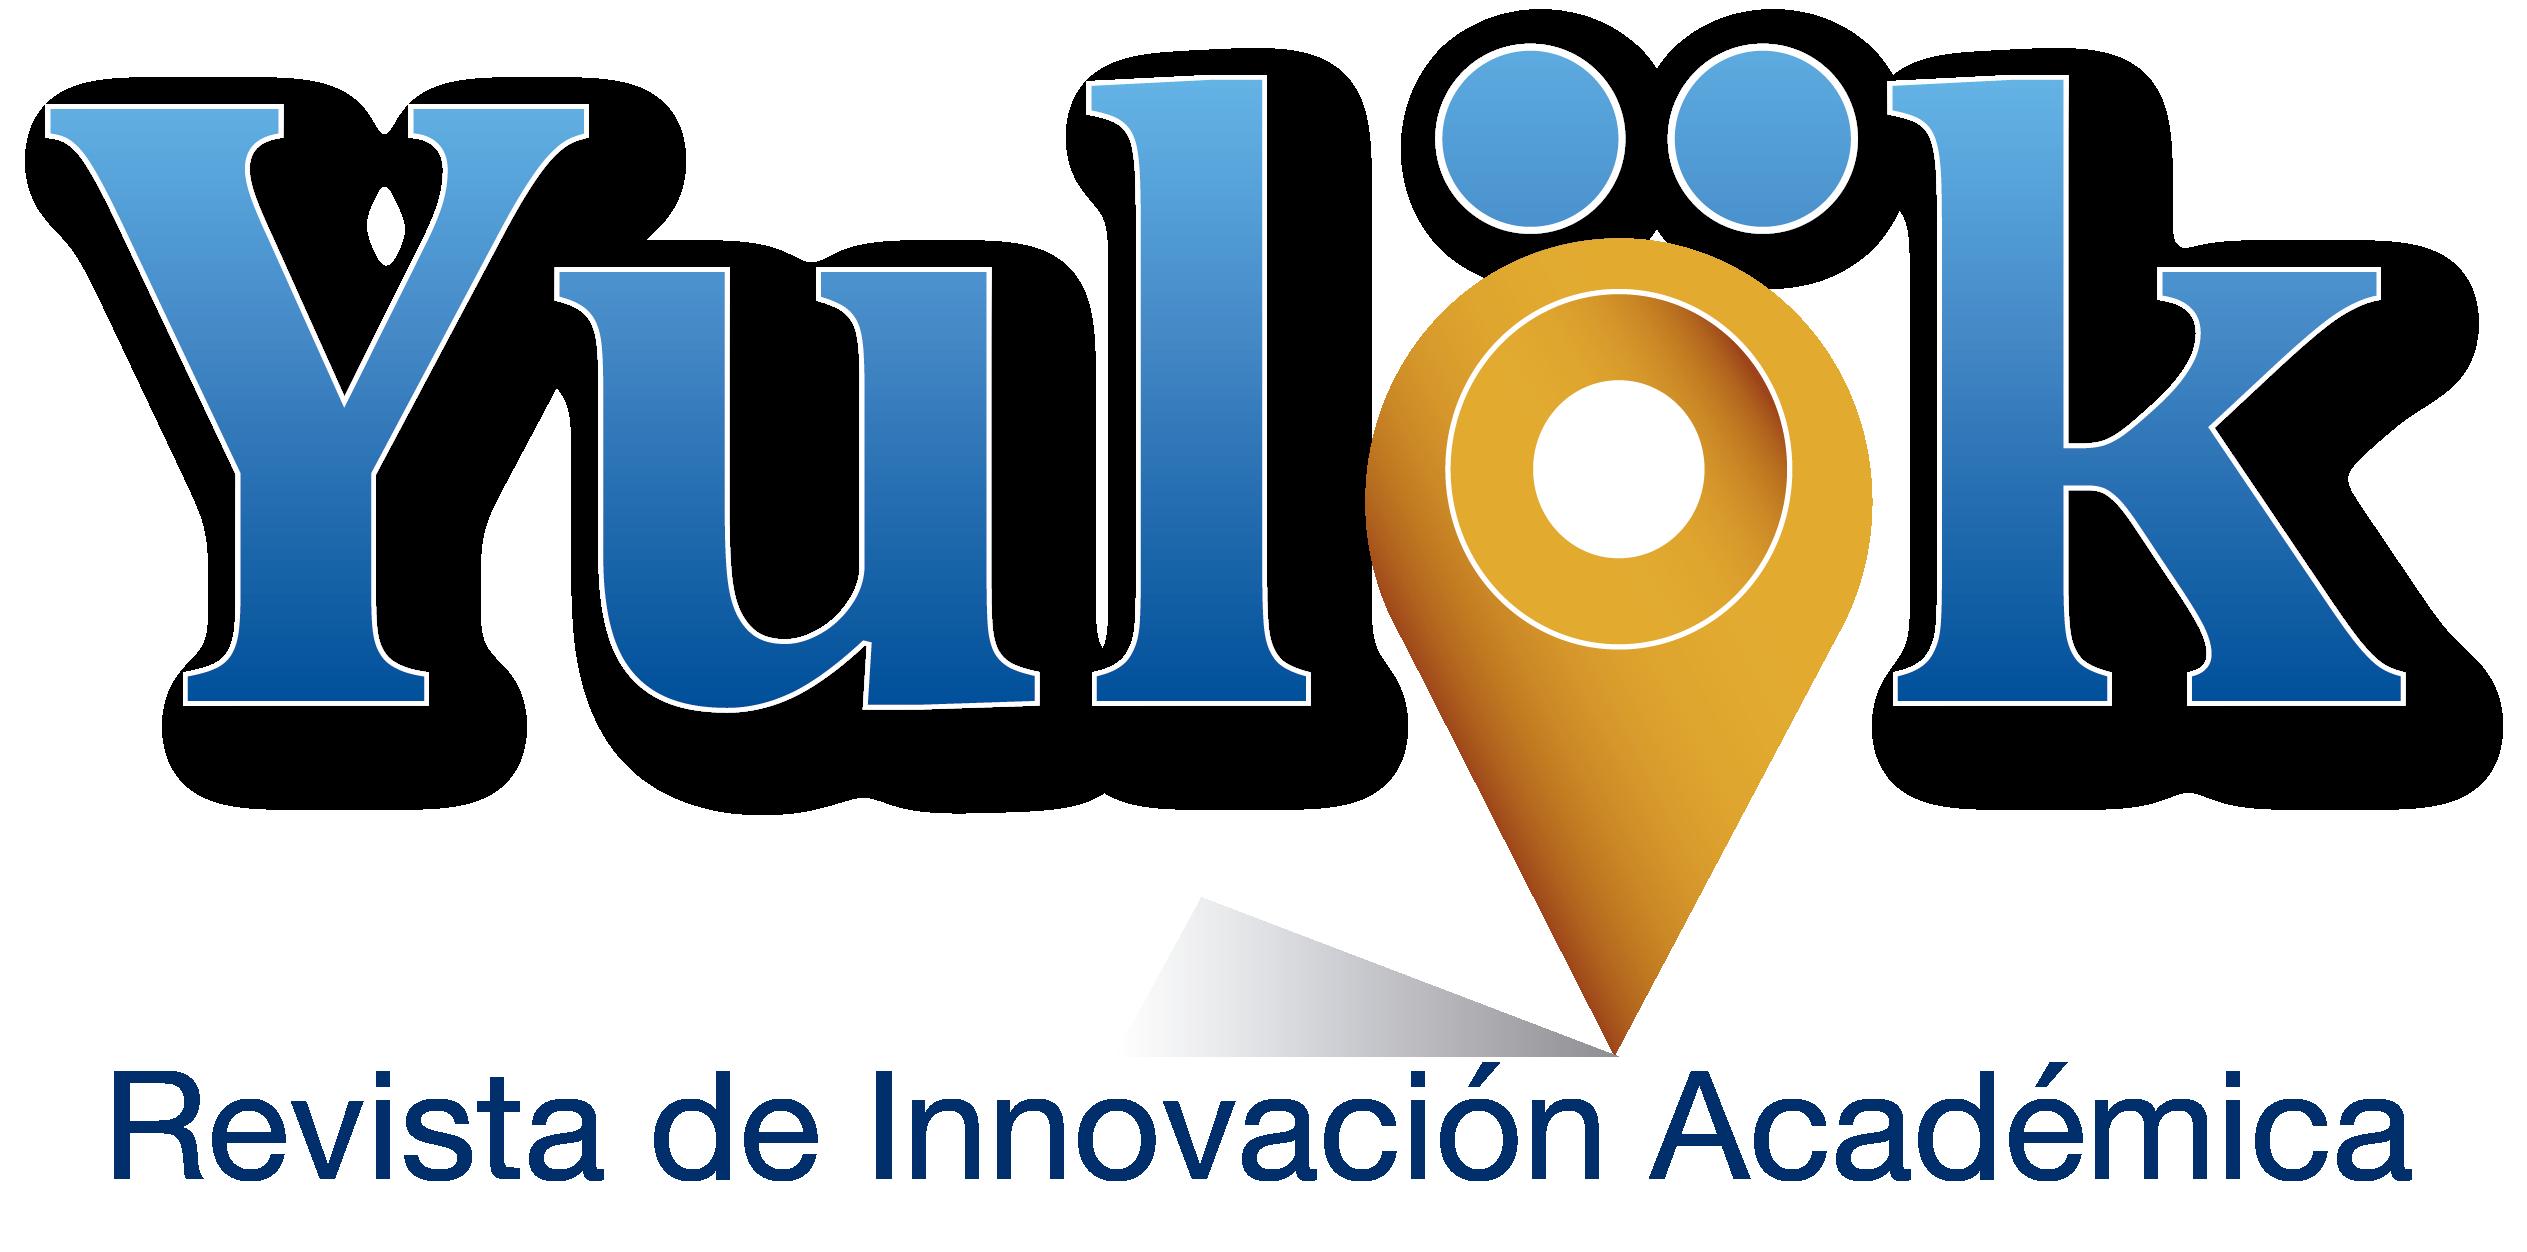 Logo de Yulok